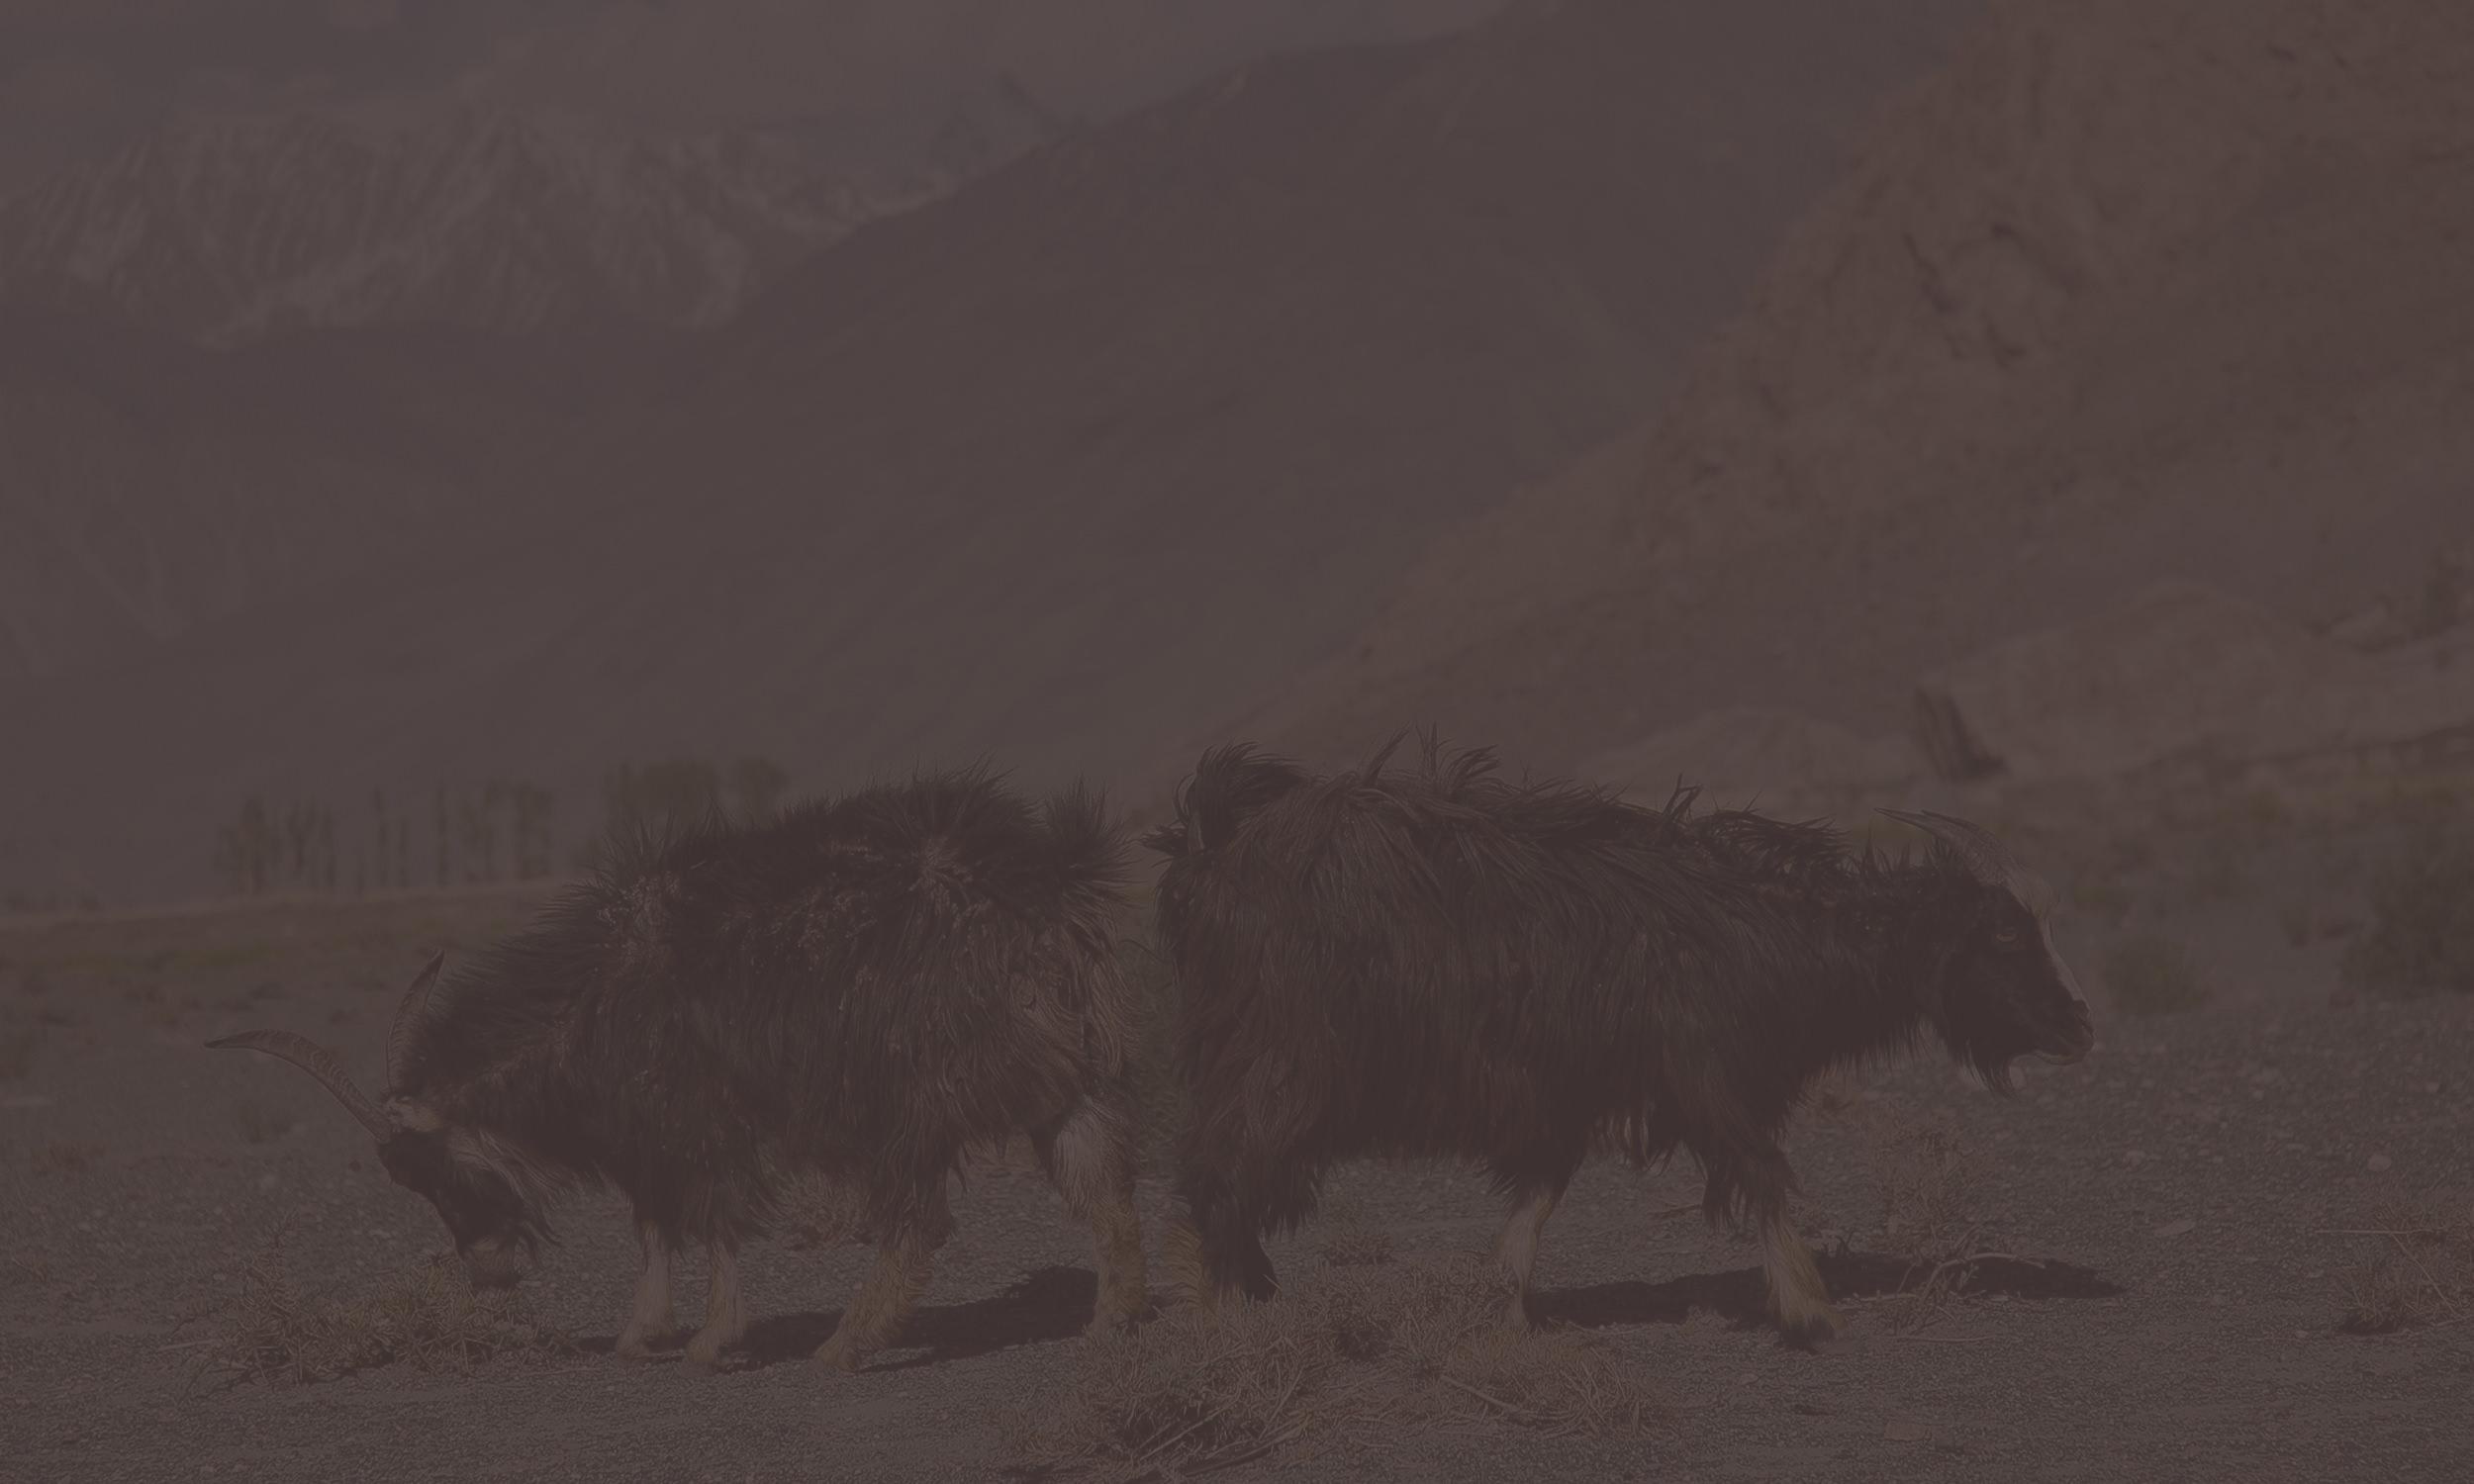 Kaschmirziegen in Afghanistan in Gebirgslandschaft.